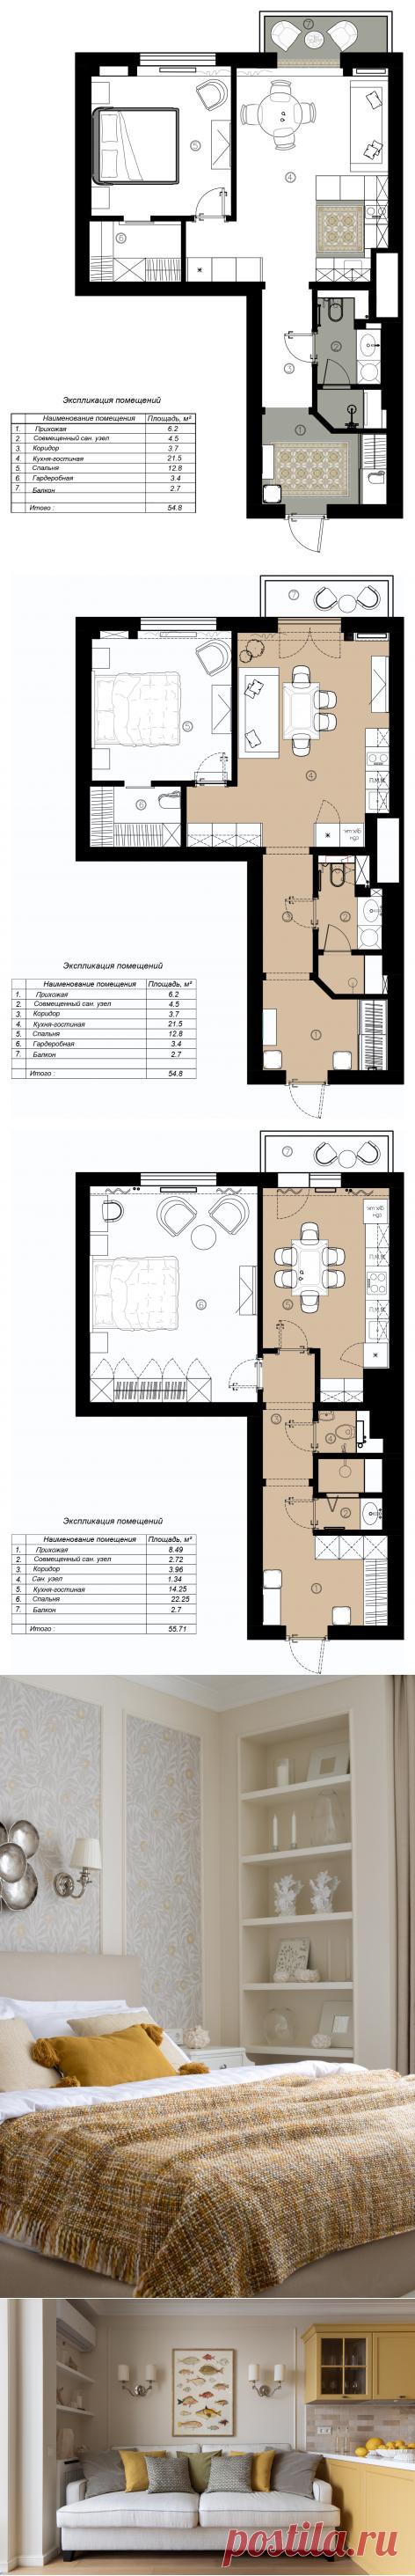 Поиск планировки: «Квартира для тишины» — три плана и финал | Houzz Россия